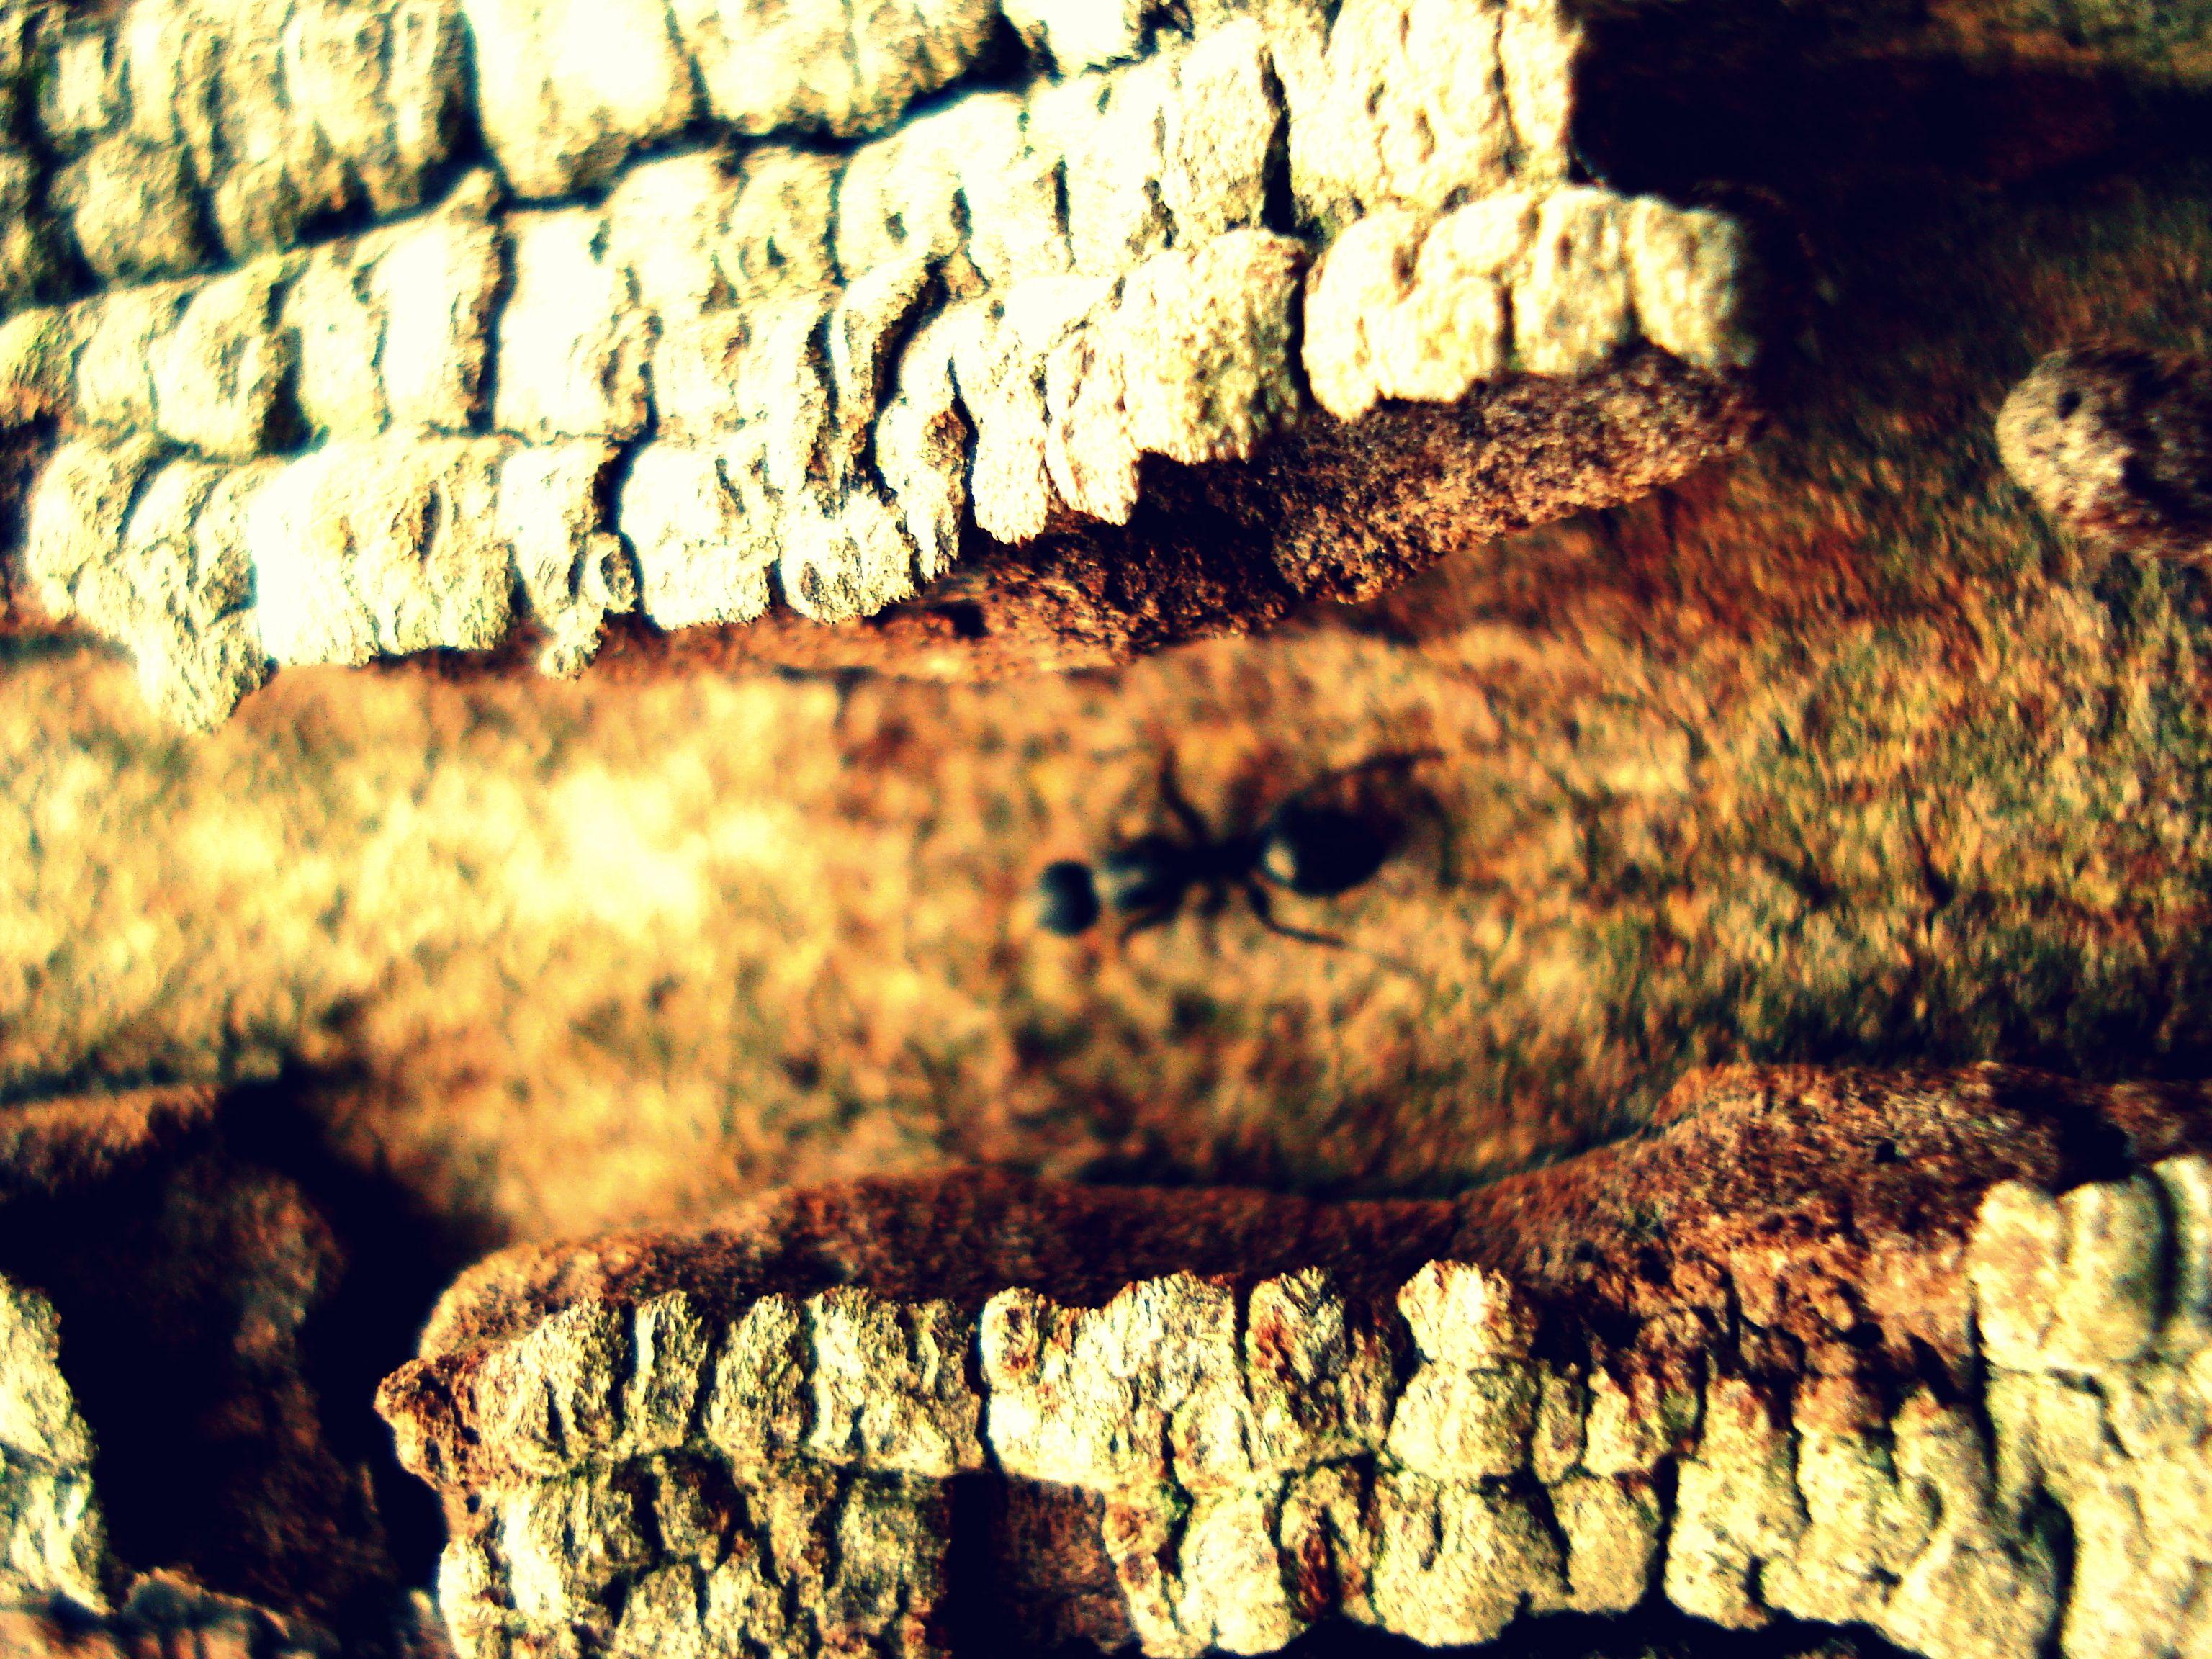 Siento que soy una simple hormiga  aprendiendo a caminar al revés  sólo soy una simple hormiga  esquivando su planta del pie.  Por más que corra y me apure  nunca es suficiente para llegar  es que el tiempo parece esquivar  toda rapidez toda velocidad.  No me molesta el trabajo,  ya pararé cuando viejo  por esa condición no me quejo  pero estoy condenado a estar abajo.  Y siento que soy una simple hormiga...  me maravillo..  y es que yo soy una simple hormiga......